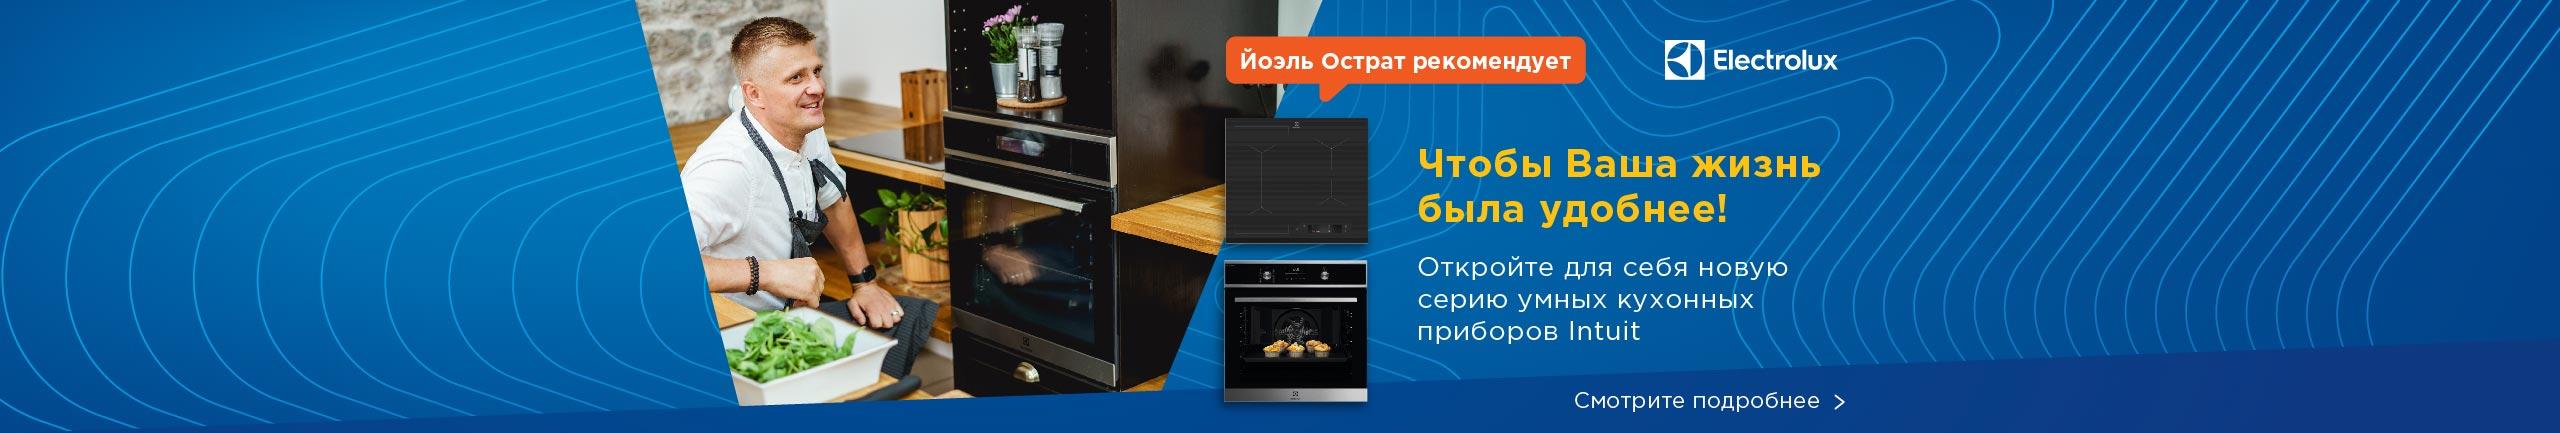 Electrolux Intuit - серия умной кухонной техники Intuit